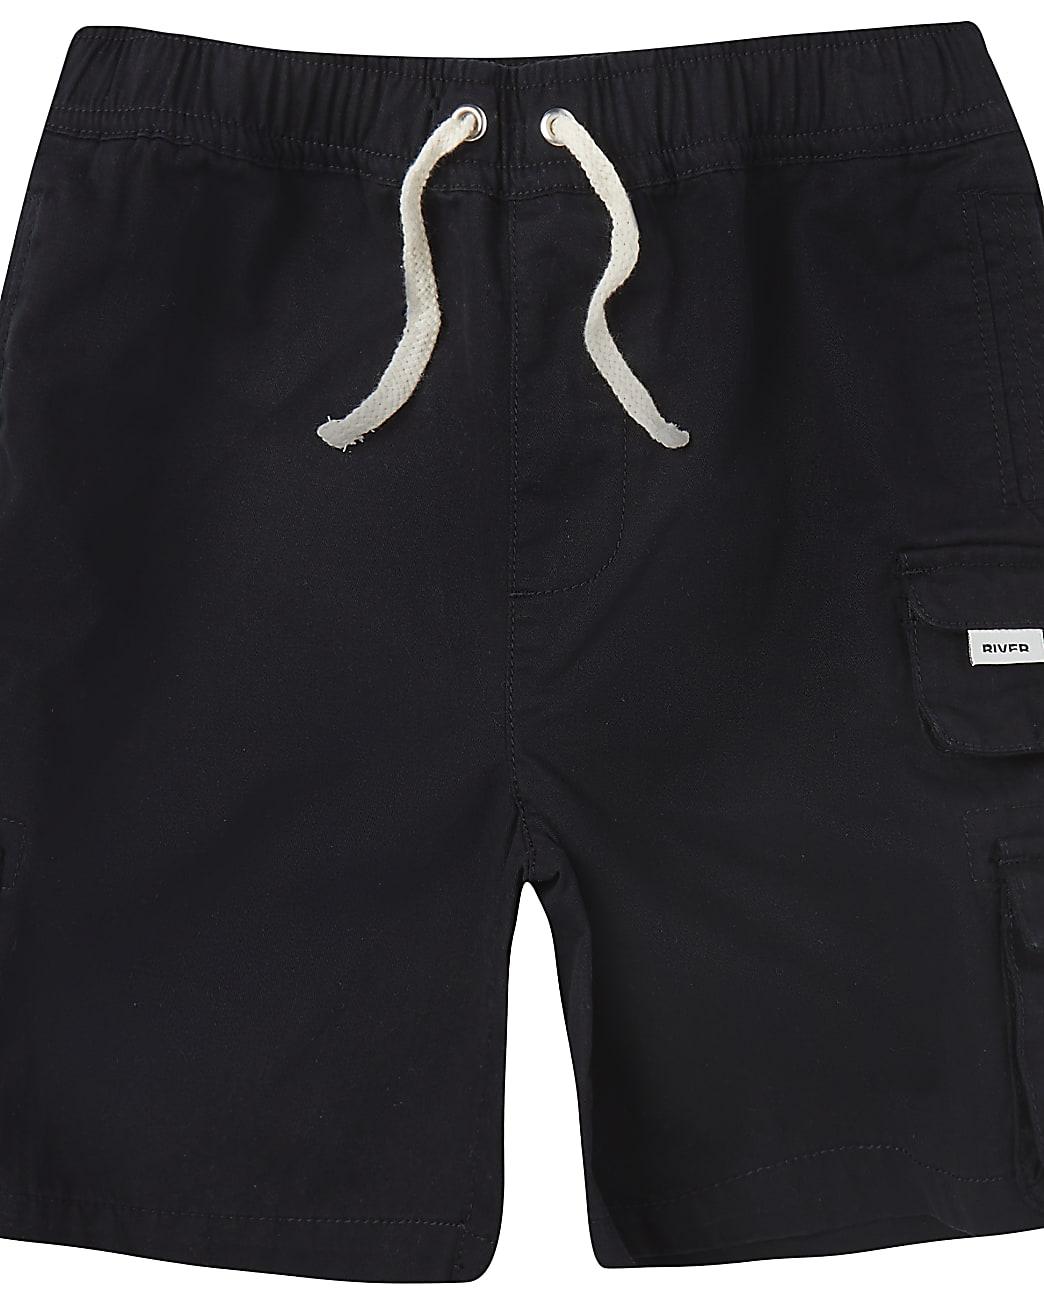 Boys black River cargo shorts